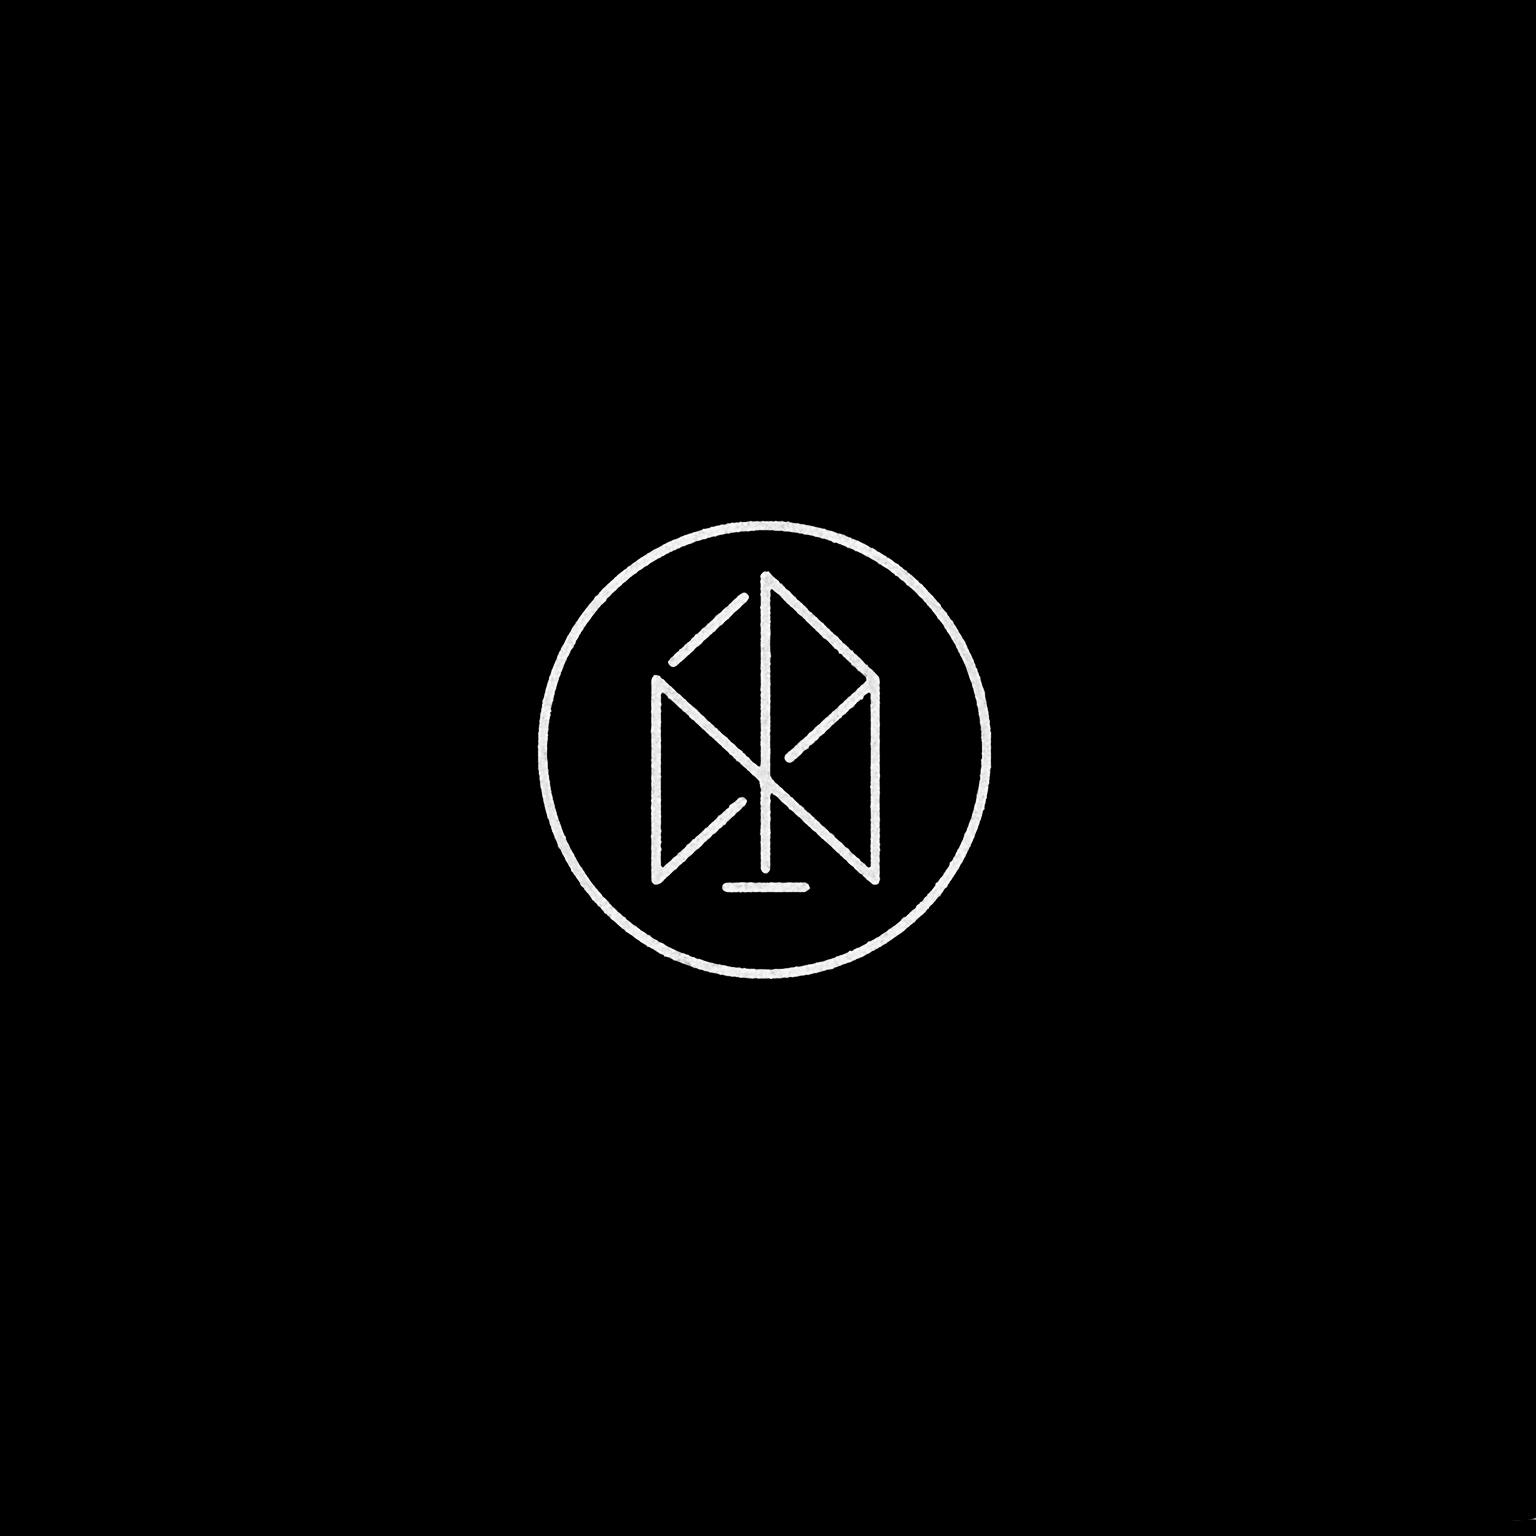 03_ParkNational_Monogram_Square.jpg